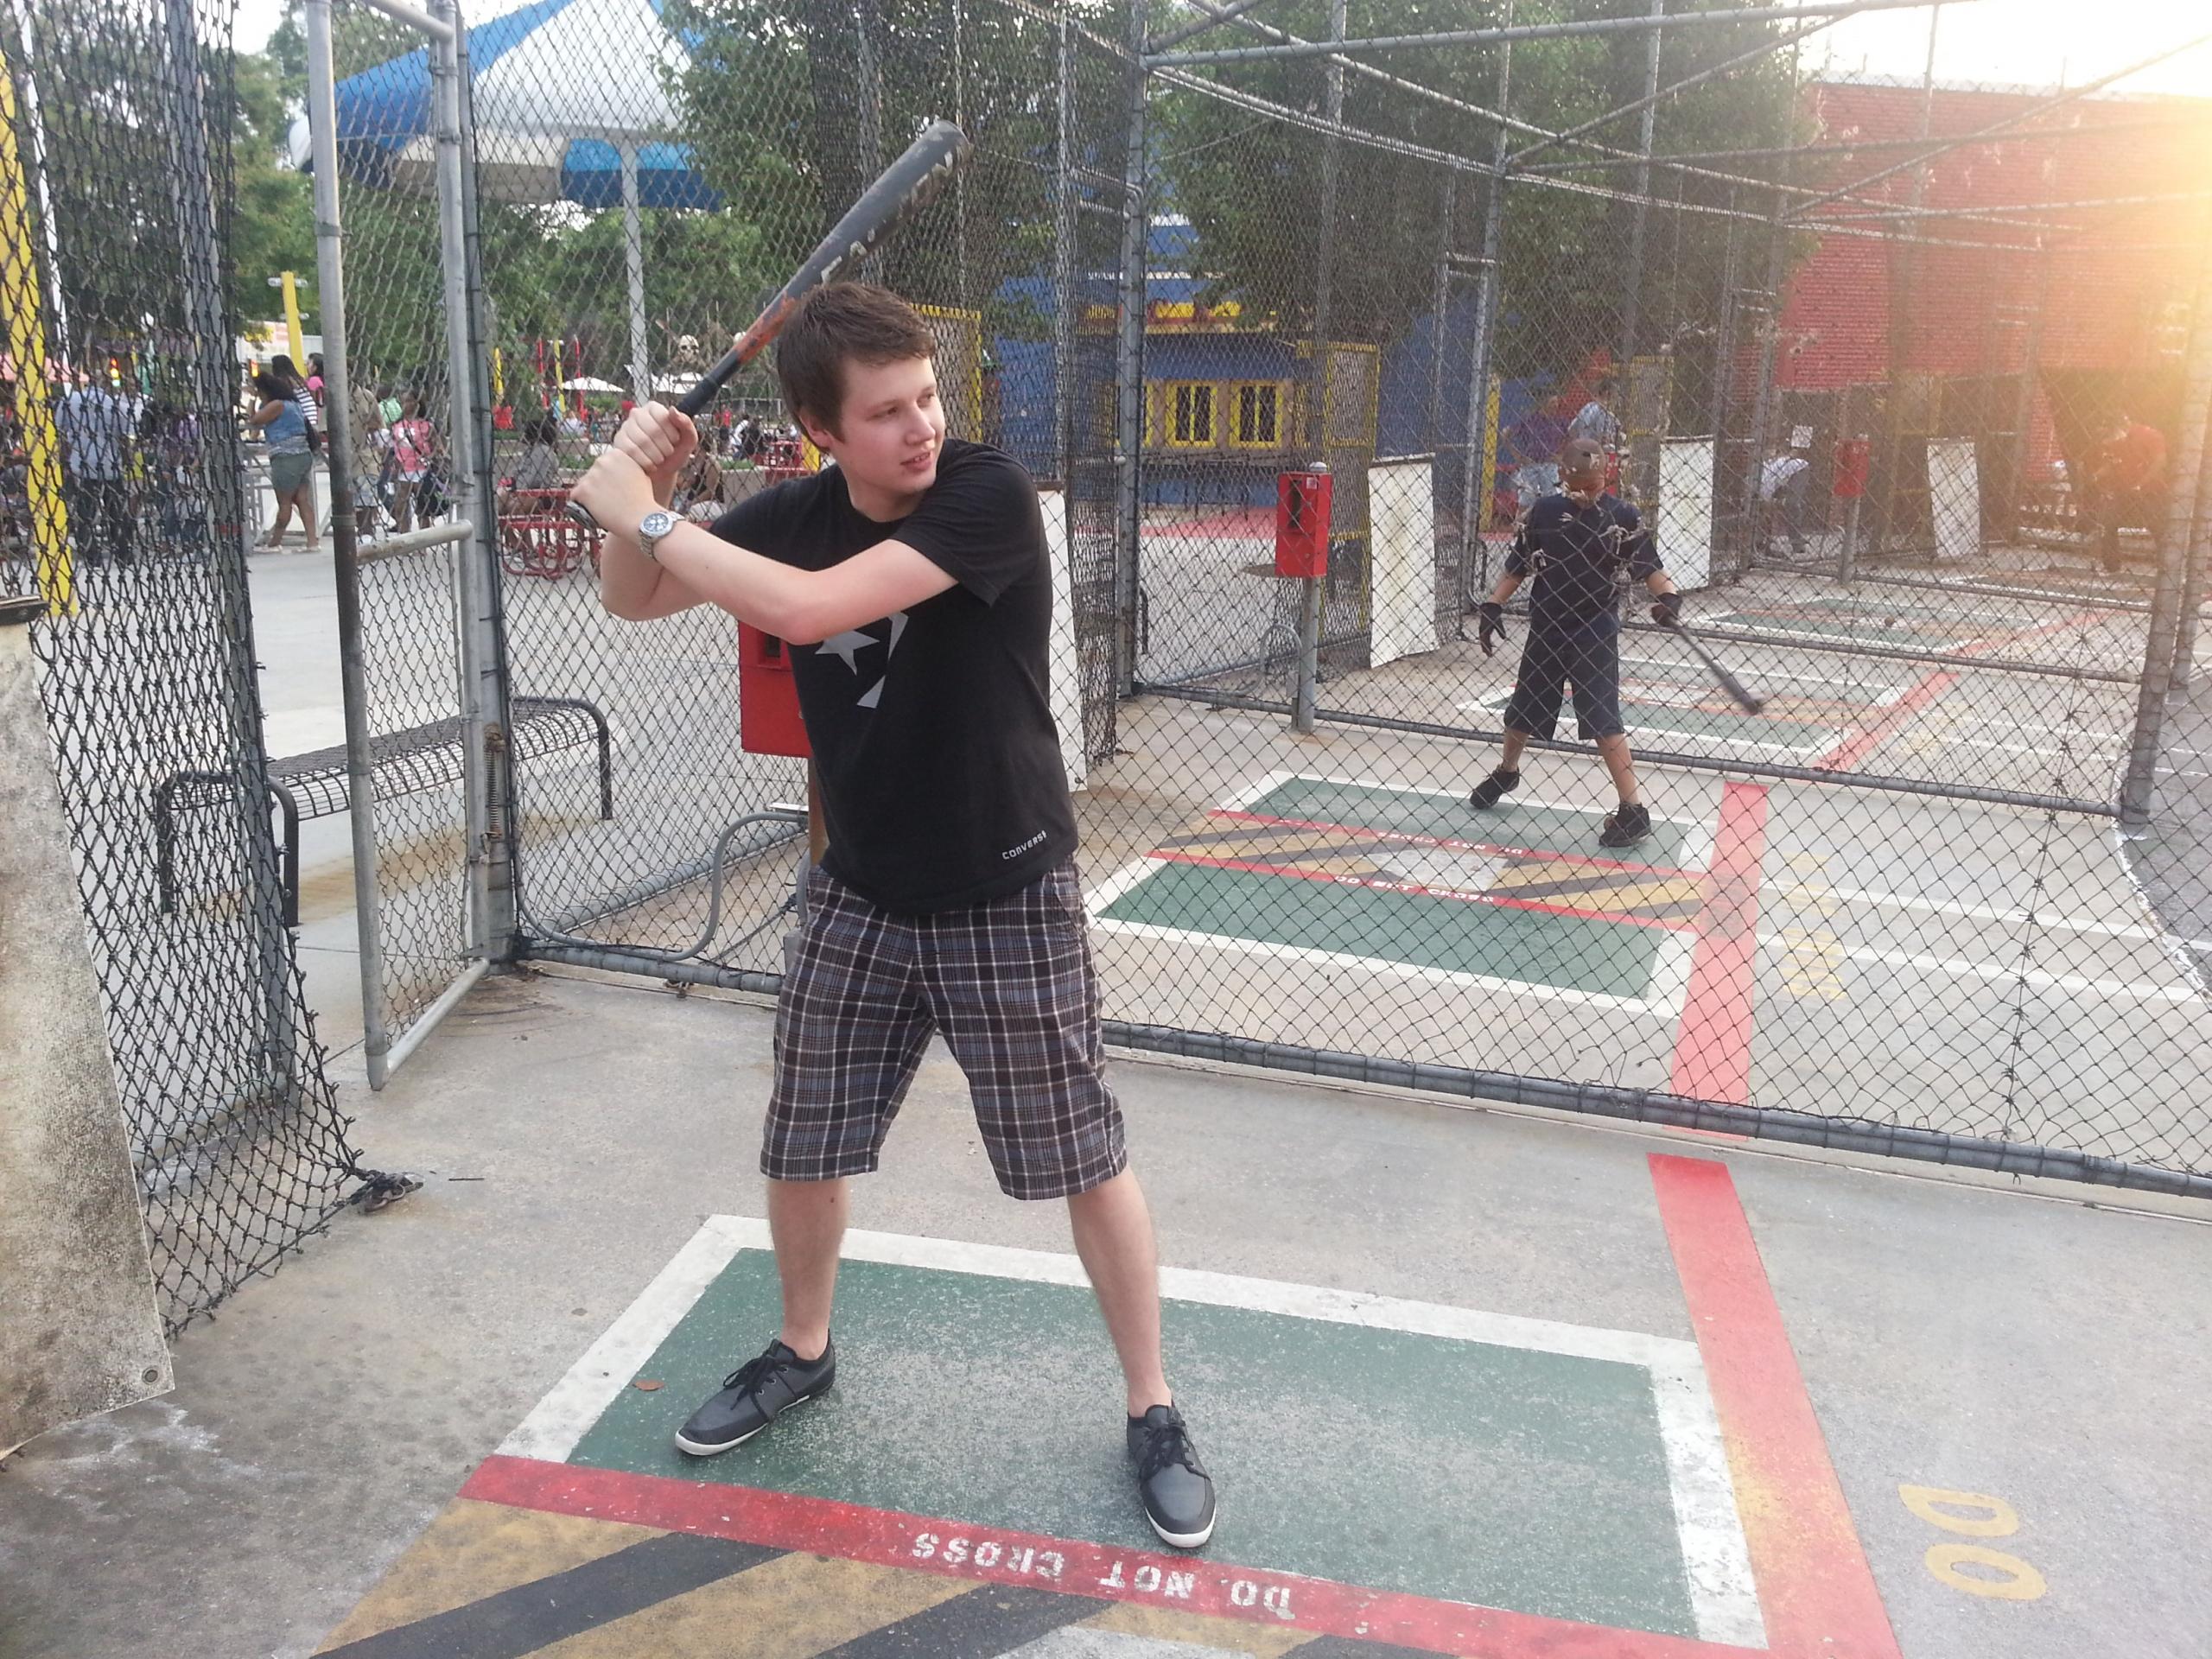 baseball-training-scaled